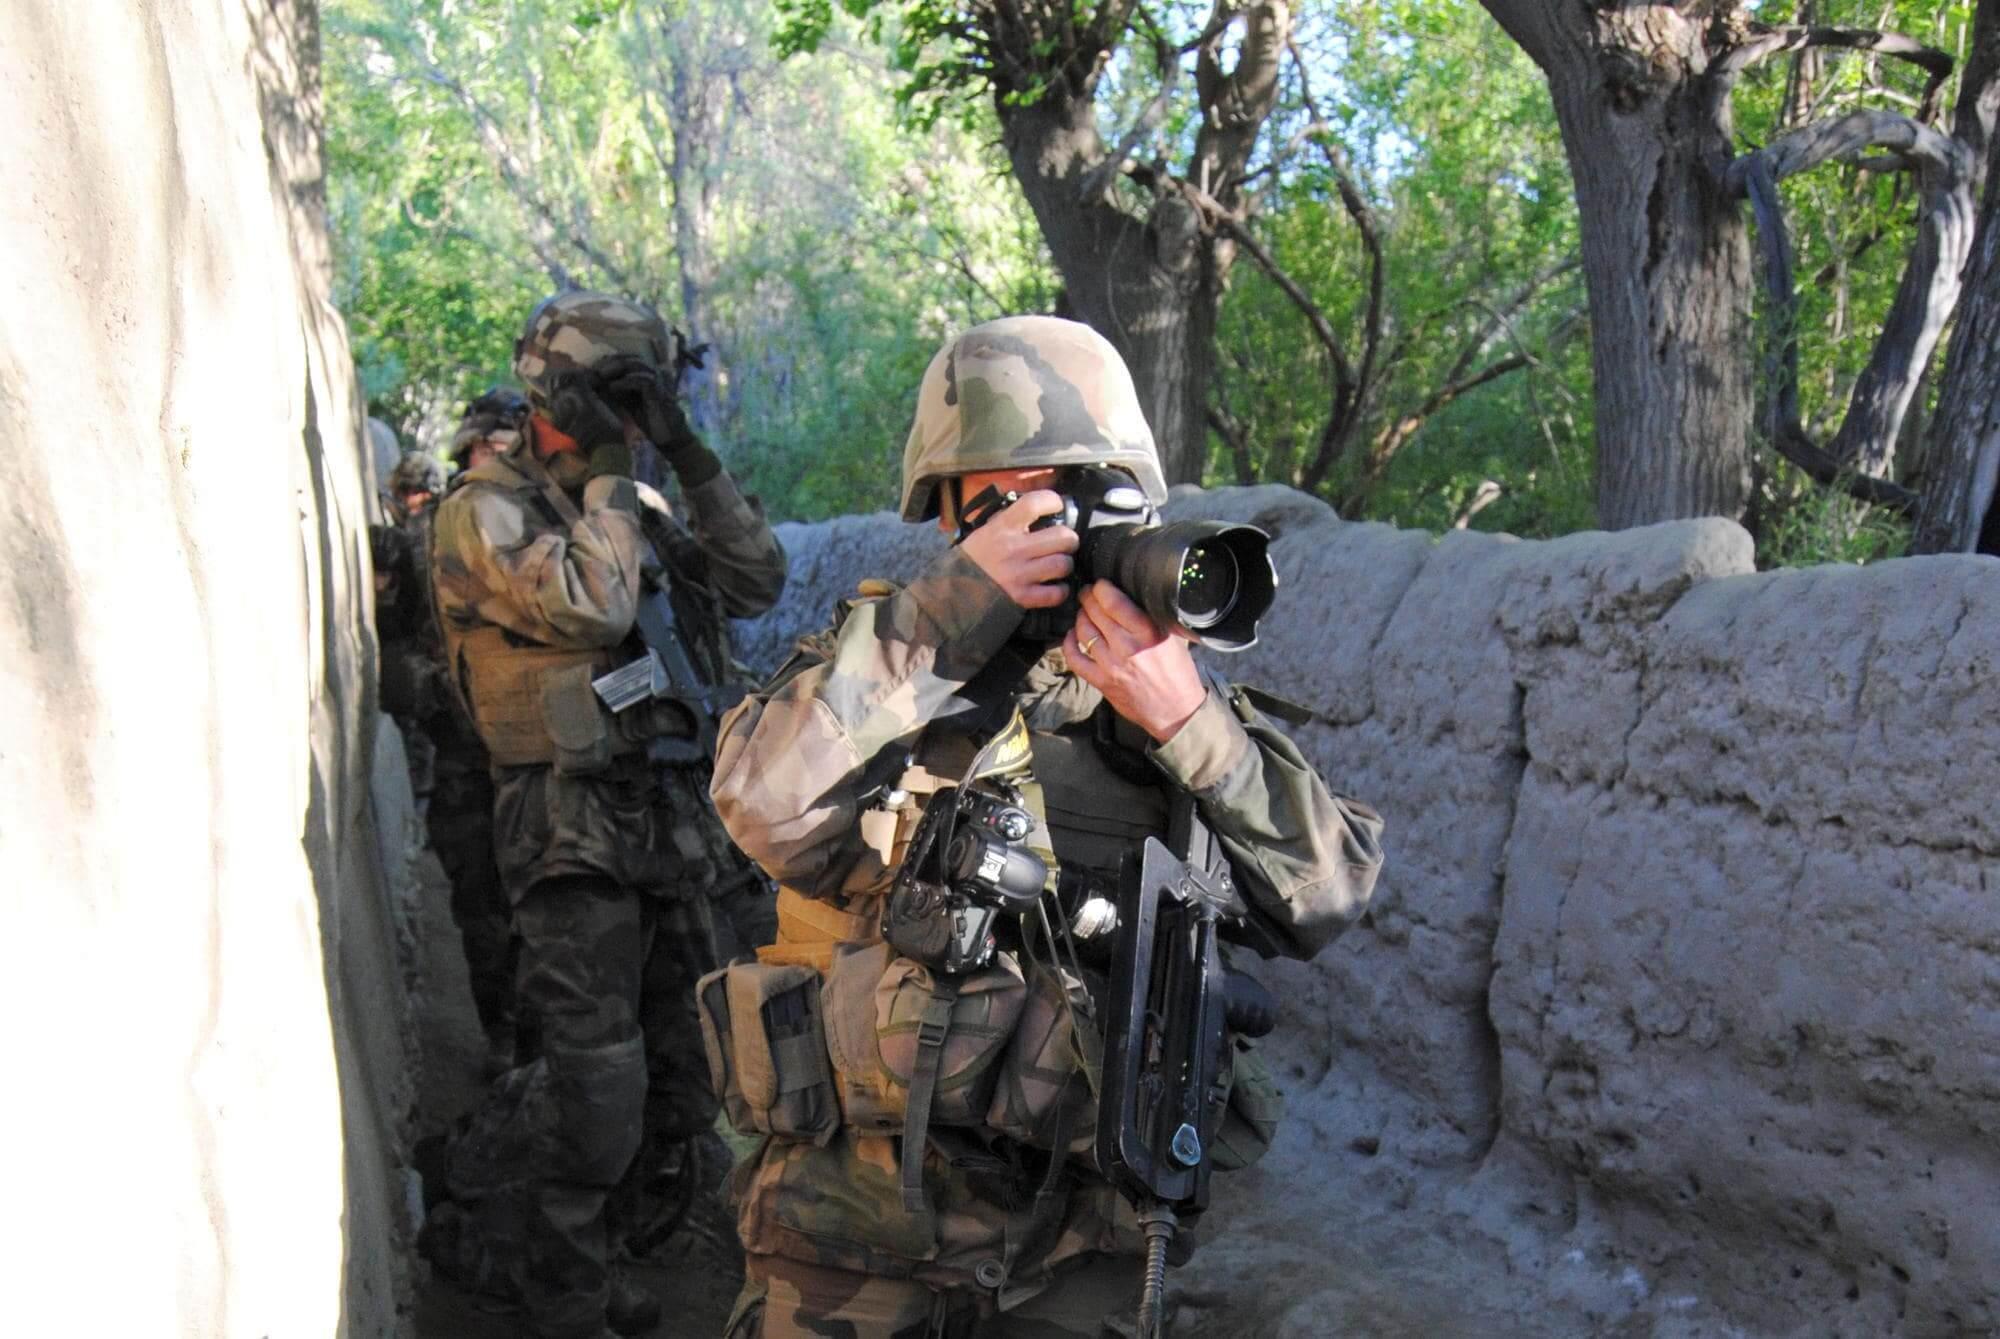 Environnement a risque la formation journalisme zone hostile et securite du personnel humanitaire signee Secoprotec